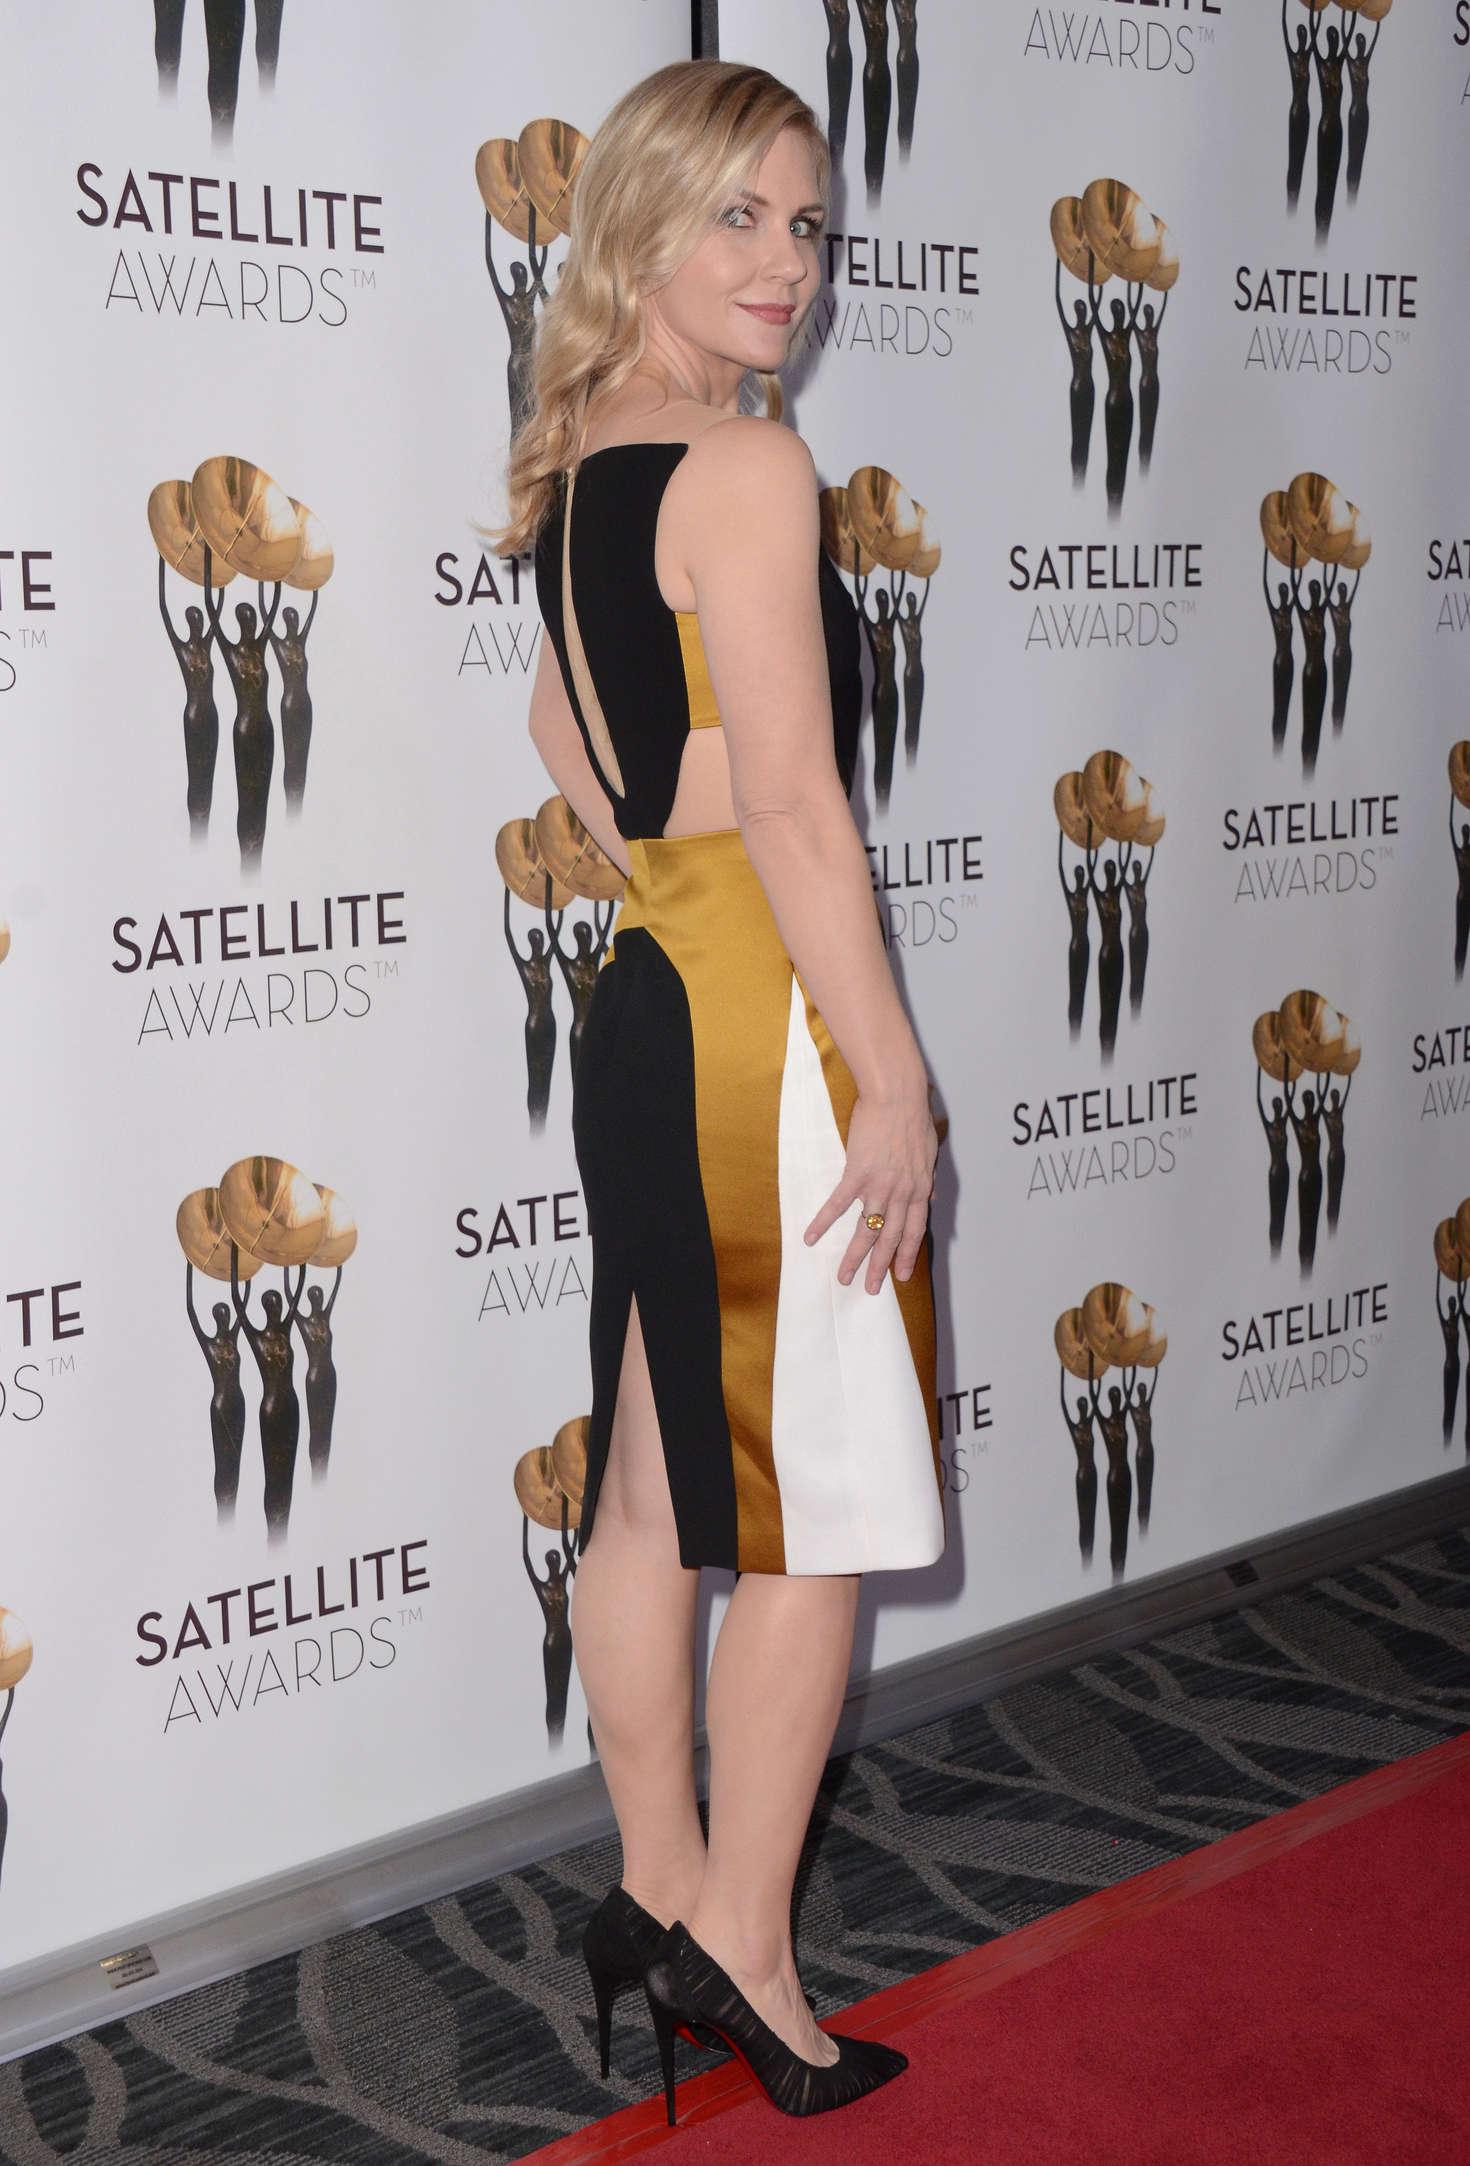 Rhea Seehorn Satellite Awards in Los Angeles